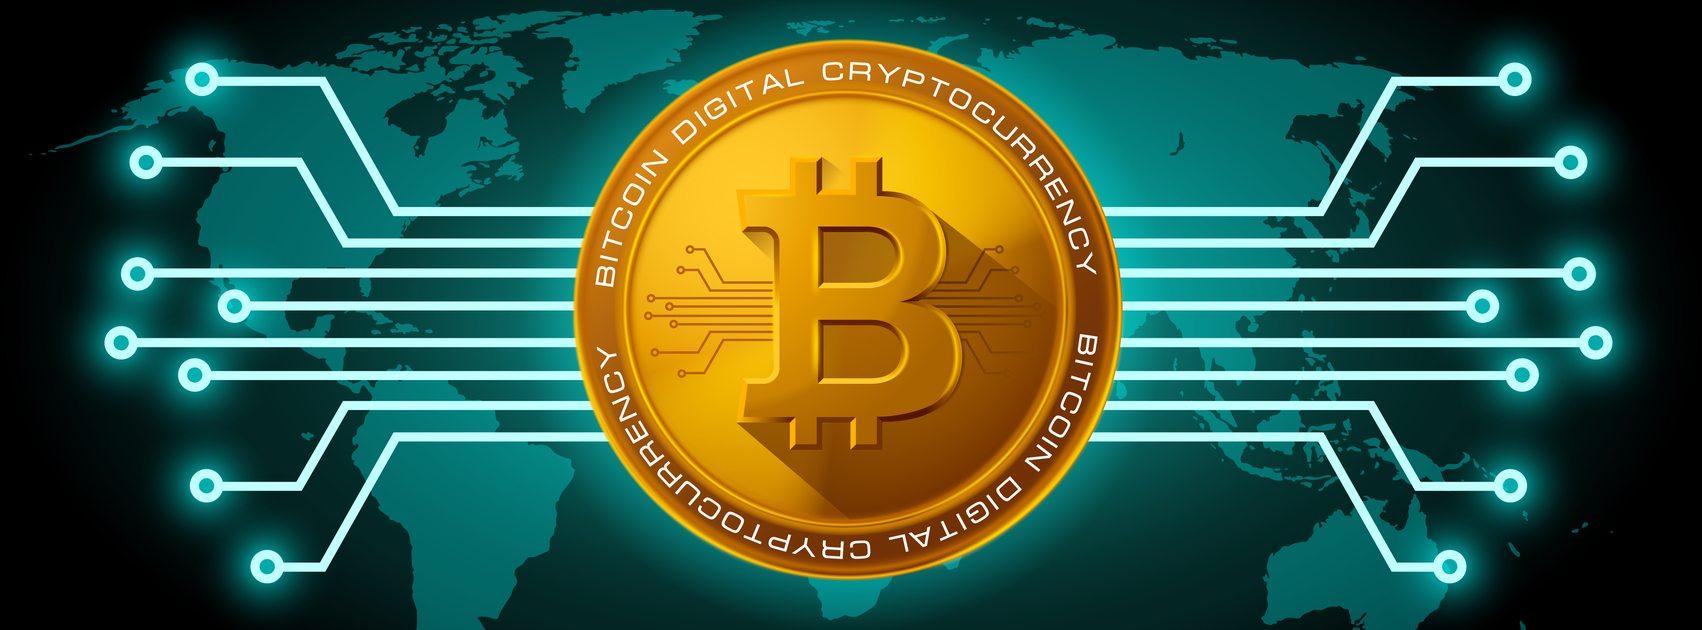 bitcoin geriausios dienos prekybos platforma atas crypto trader